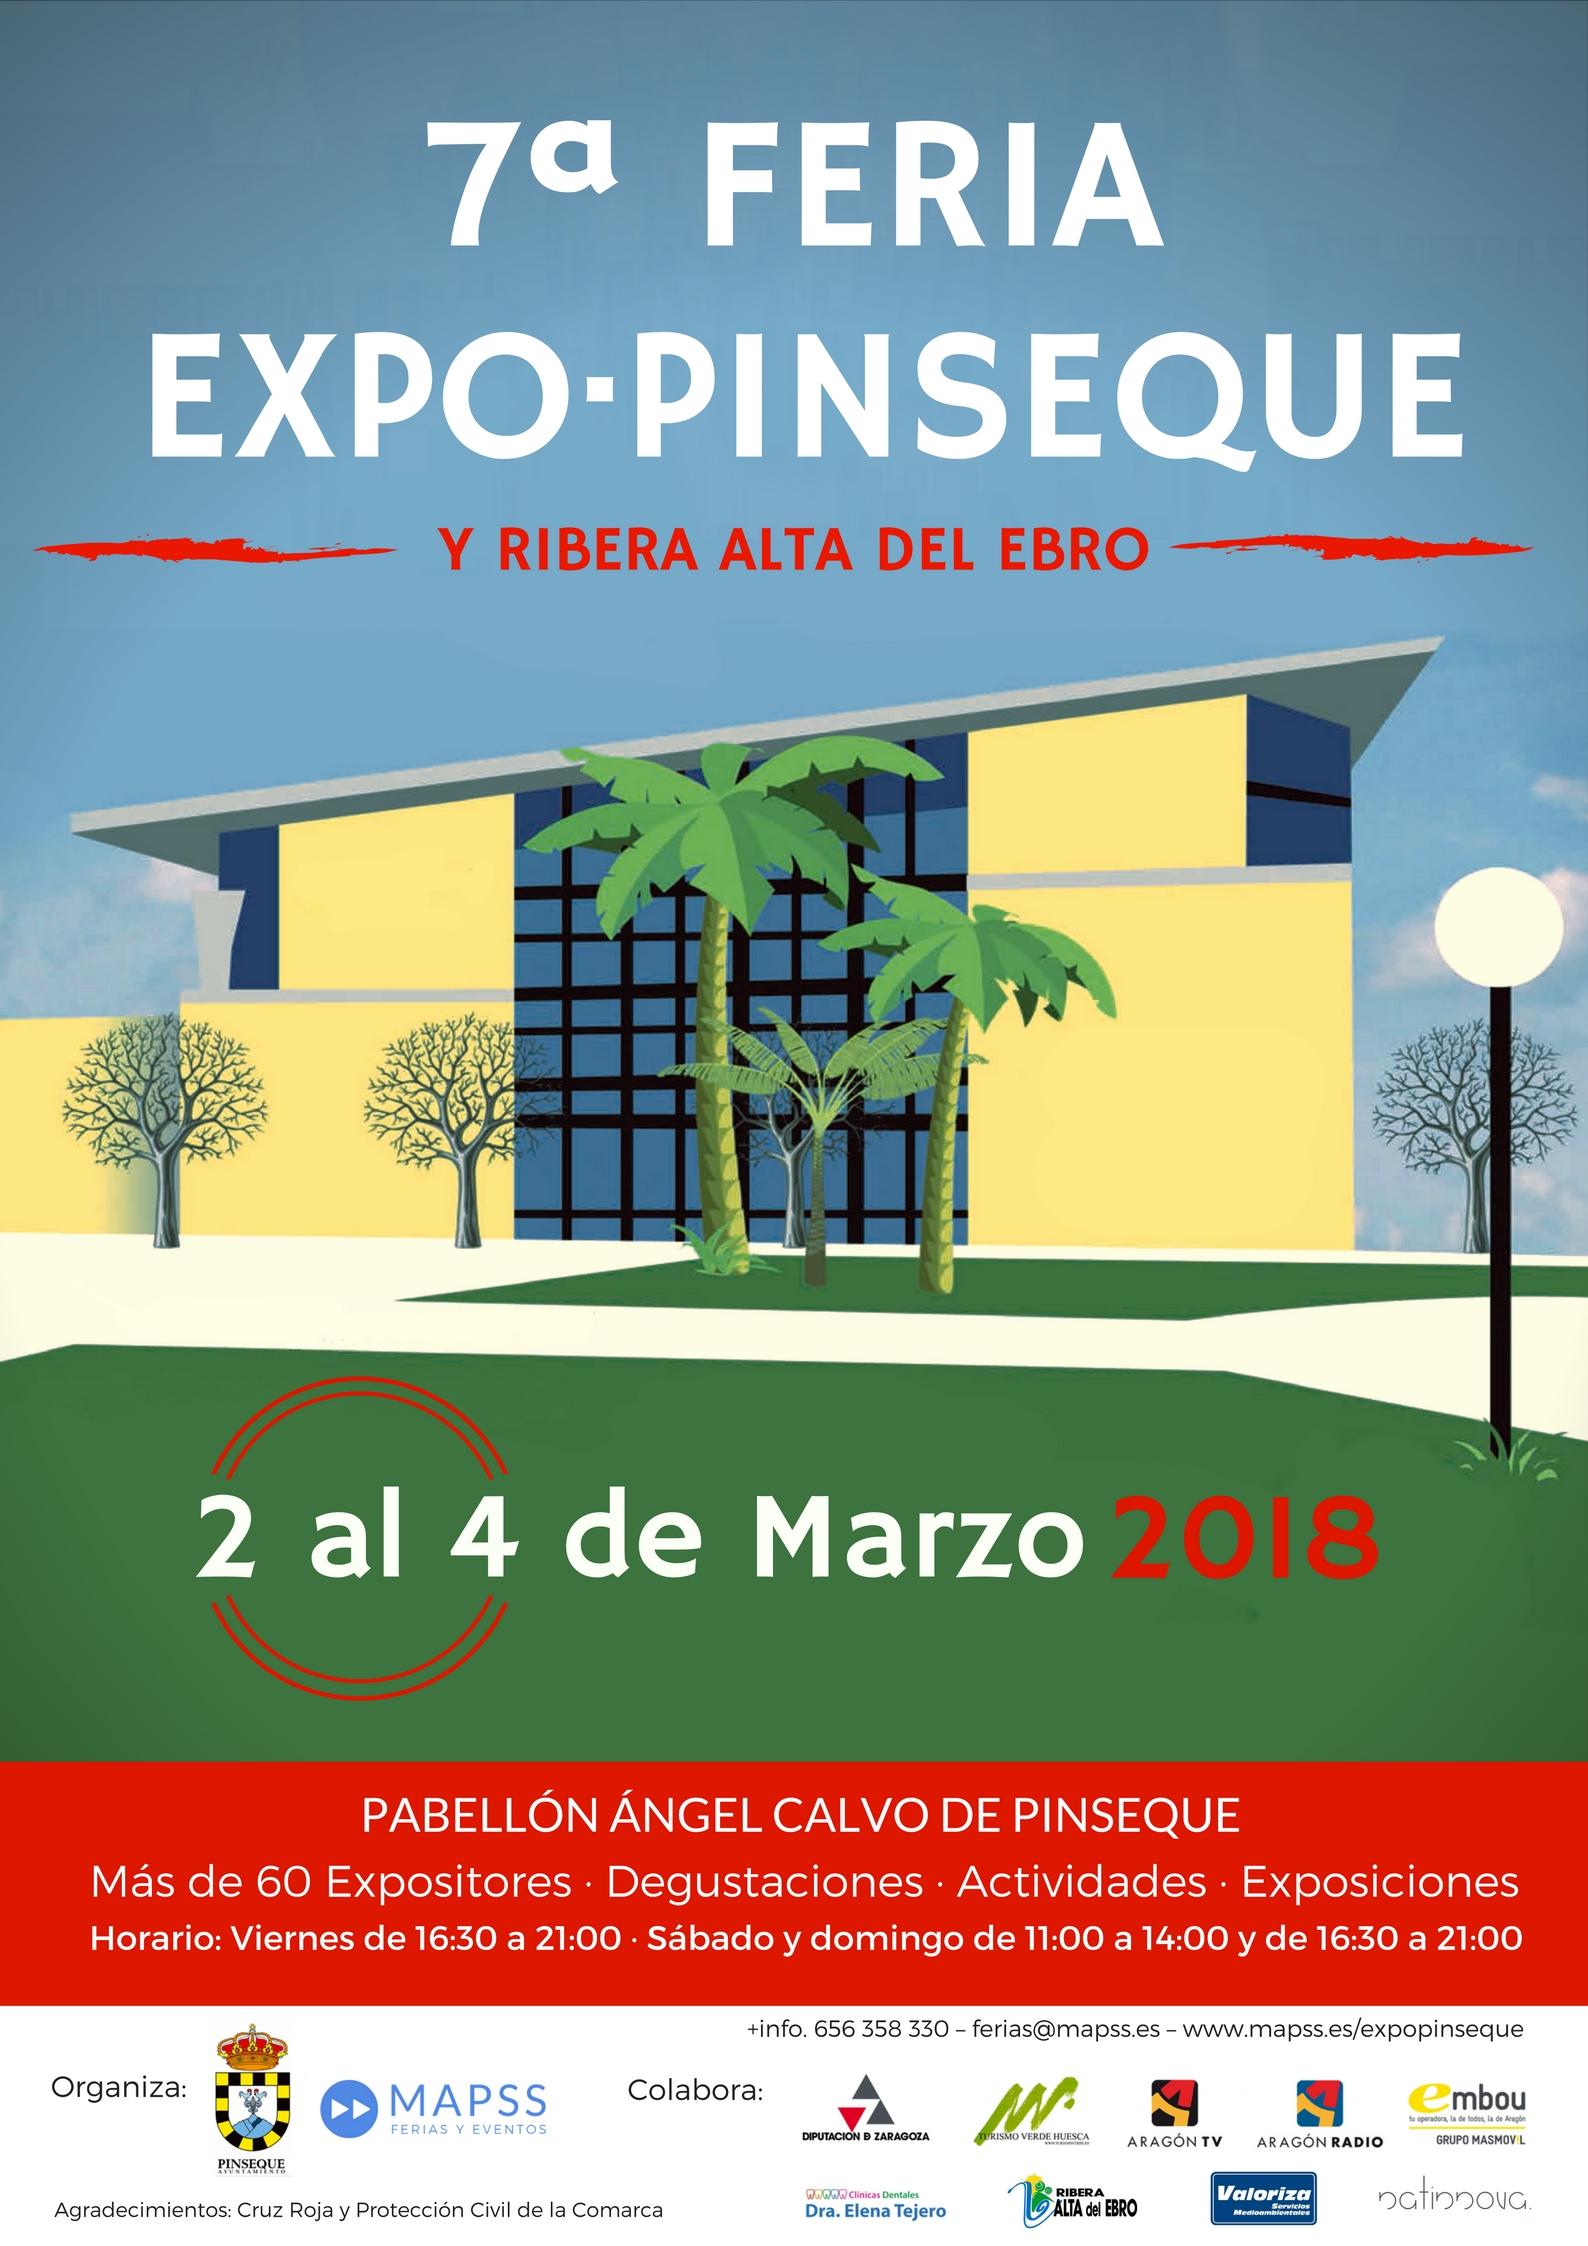 7ª Feria Expo Pinseque y Ribera Alta del Ebro